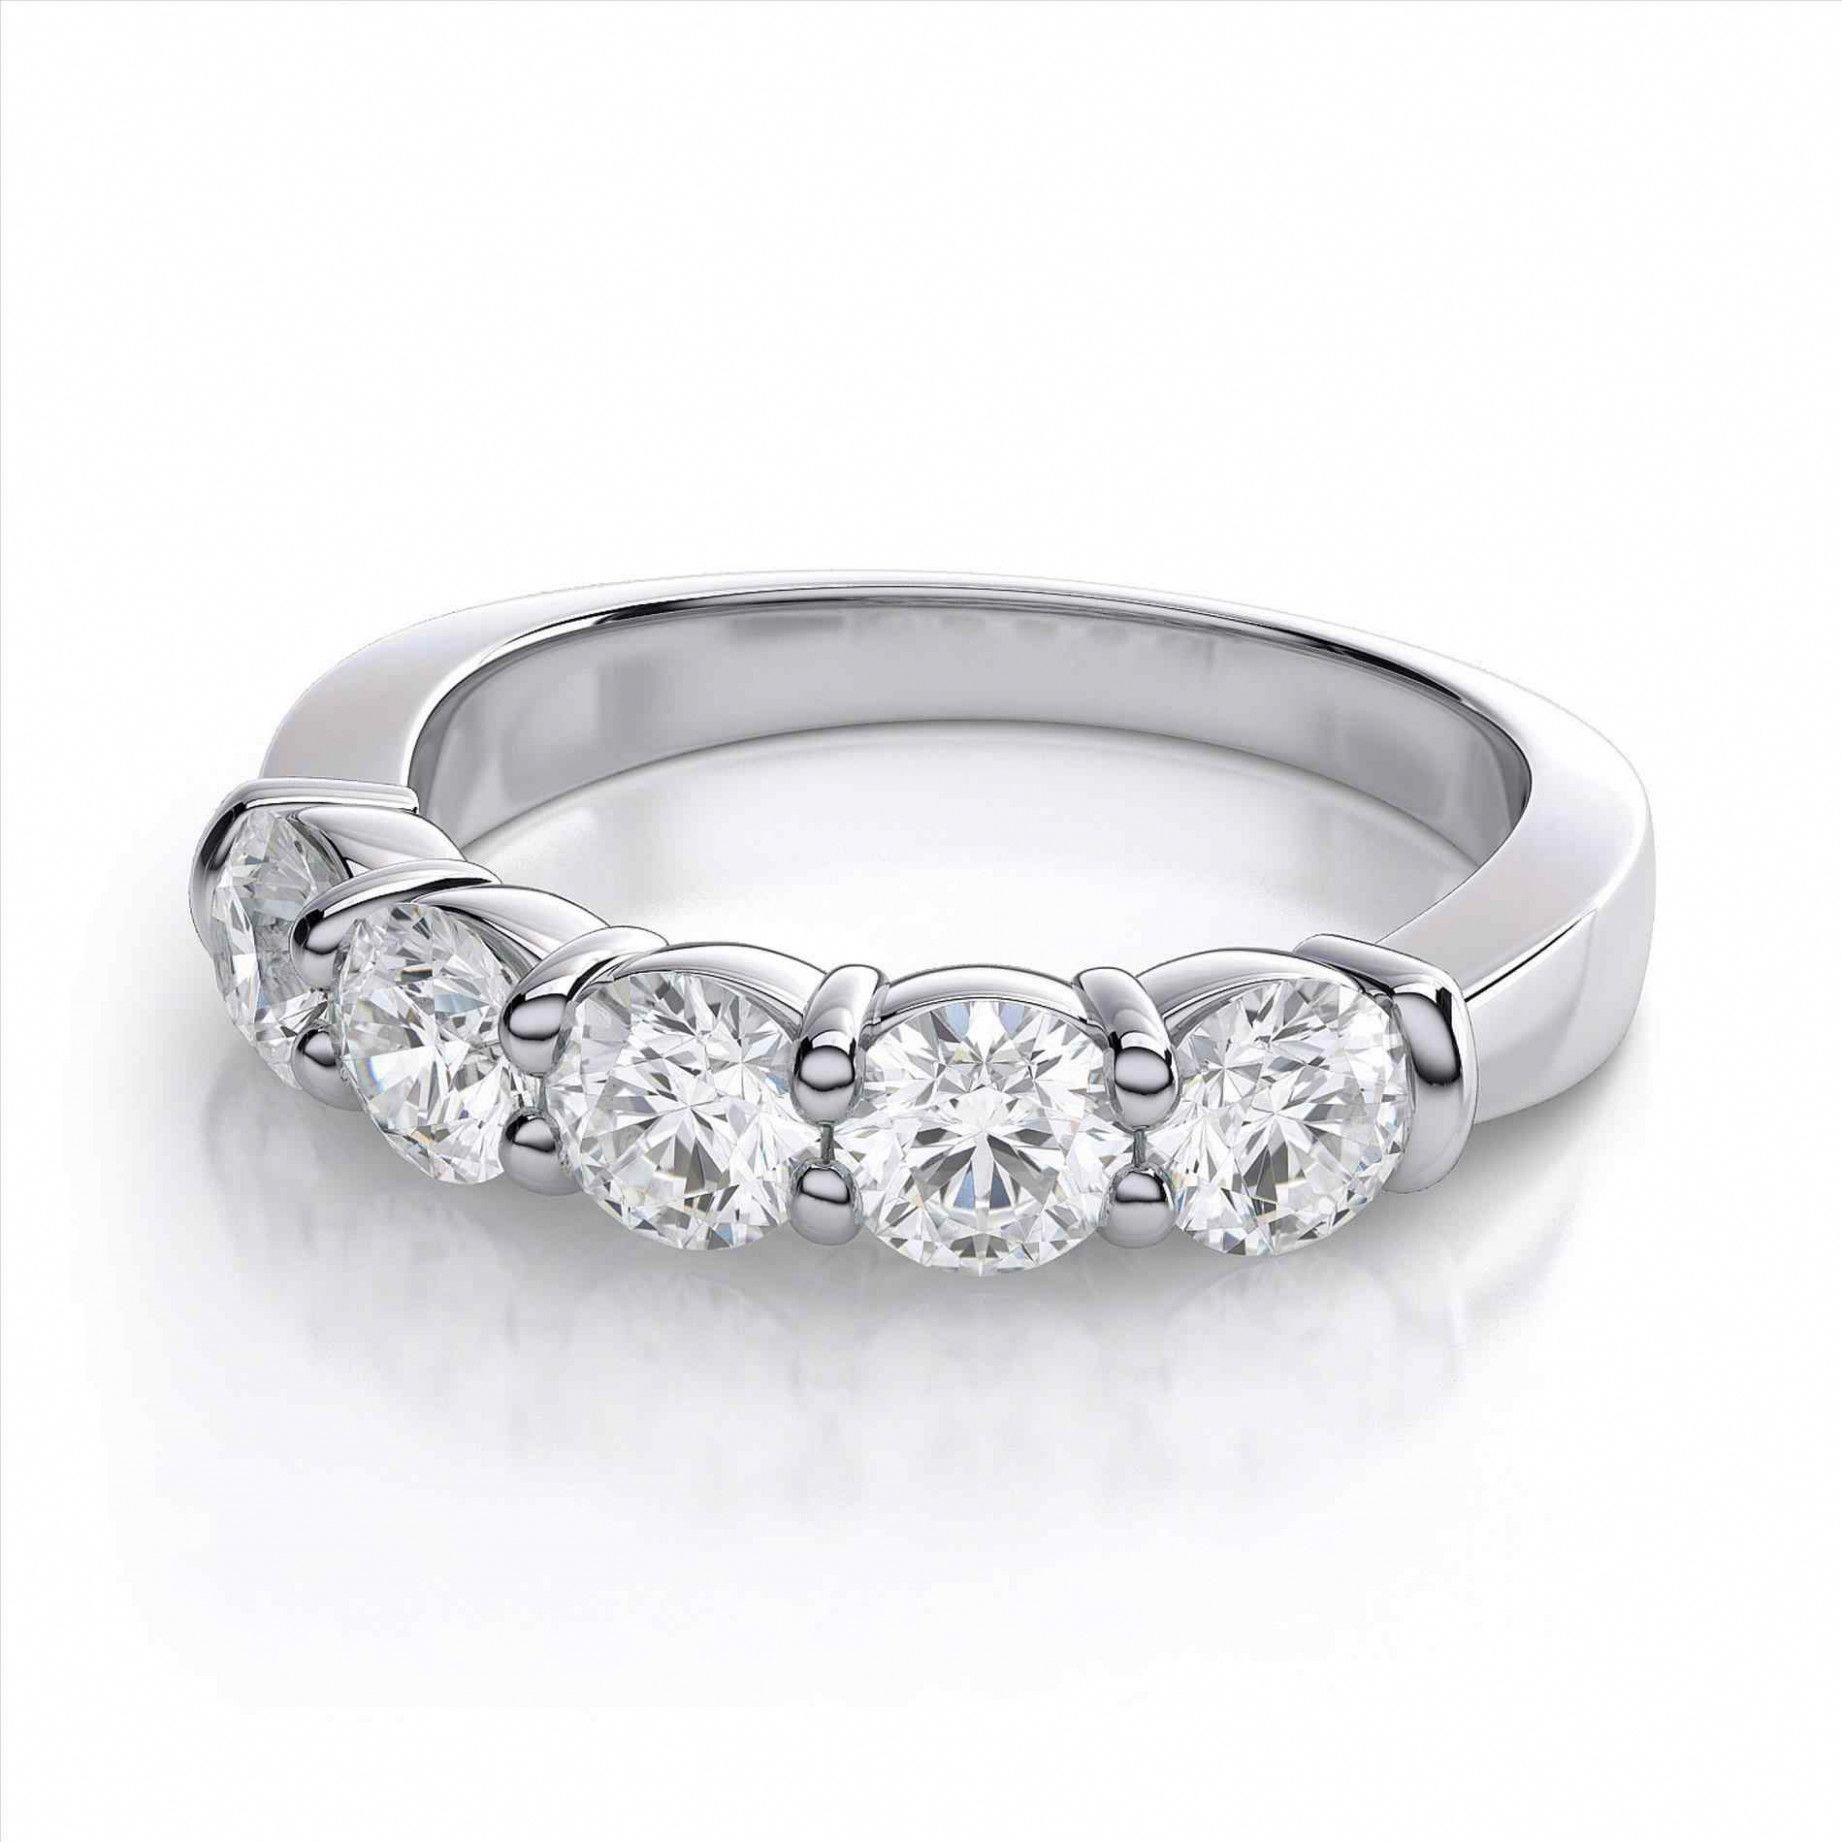 Wedding Rings For Women Walmart In 2020 Cheap Wedding Rings Sets Wedding Rings Sets Gold Walmart Wedding Rings